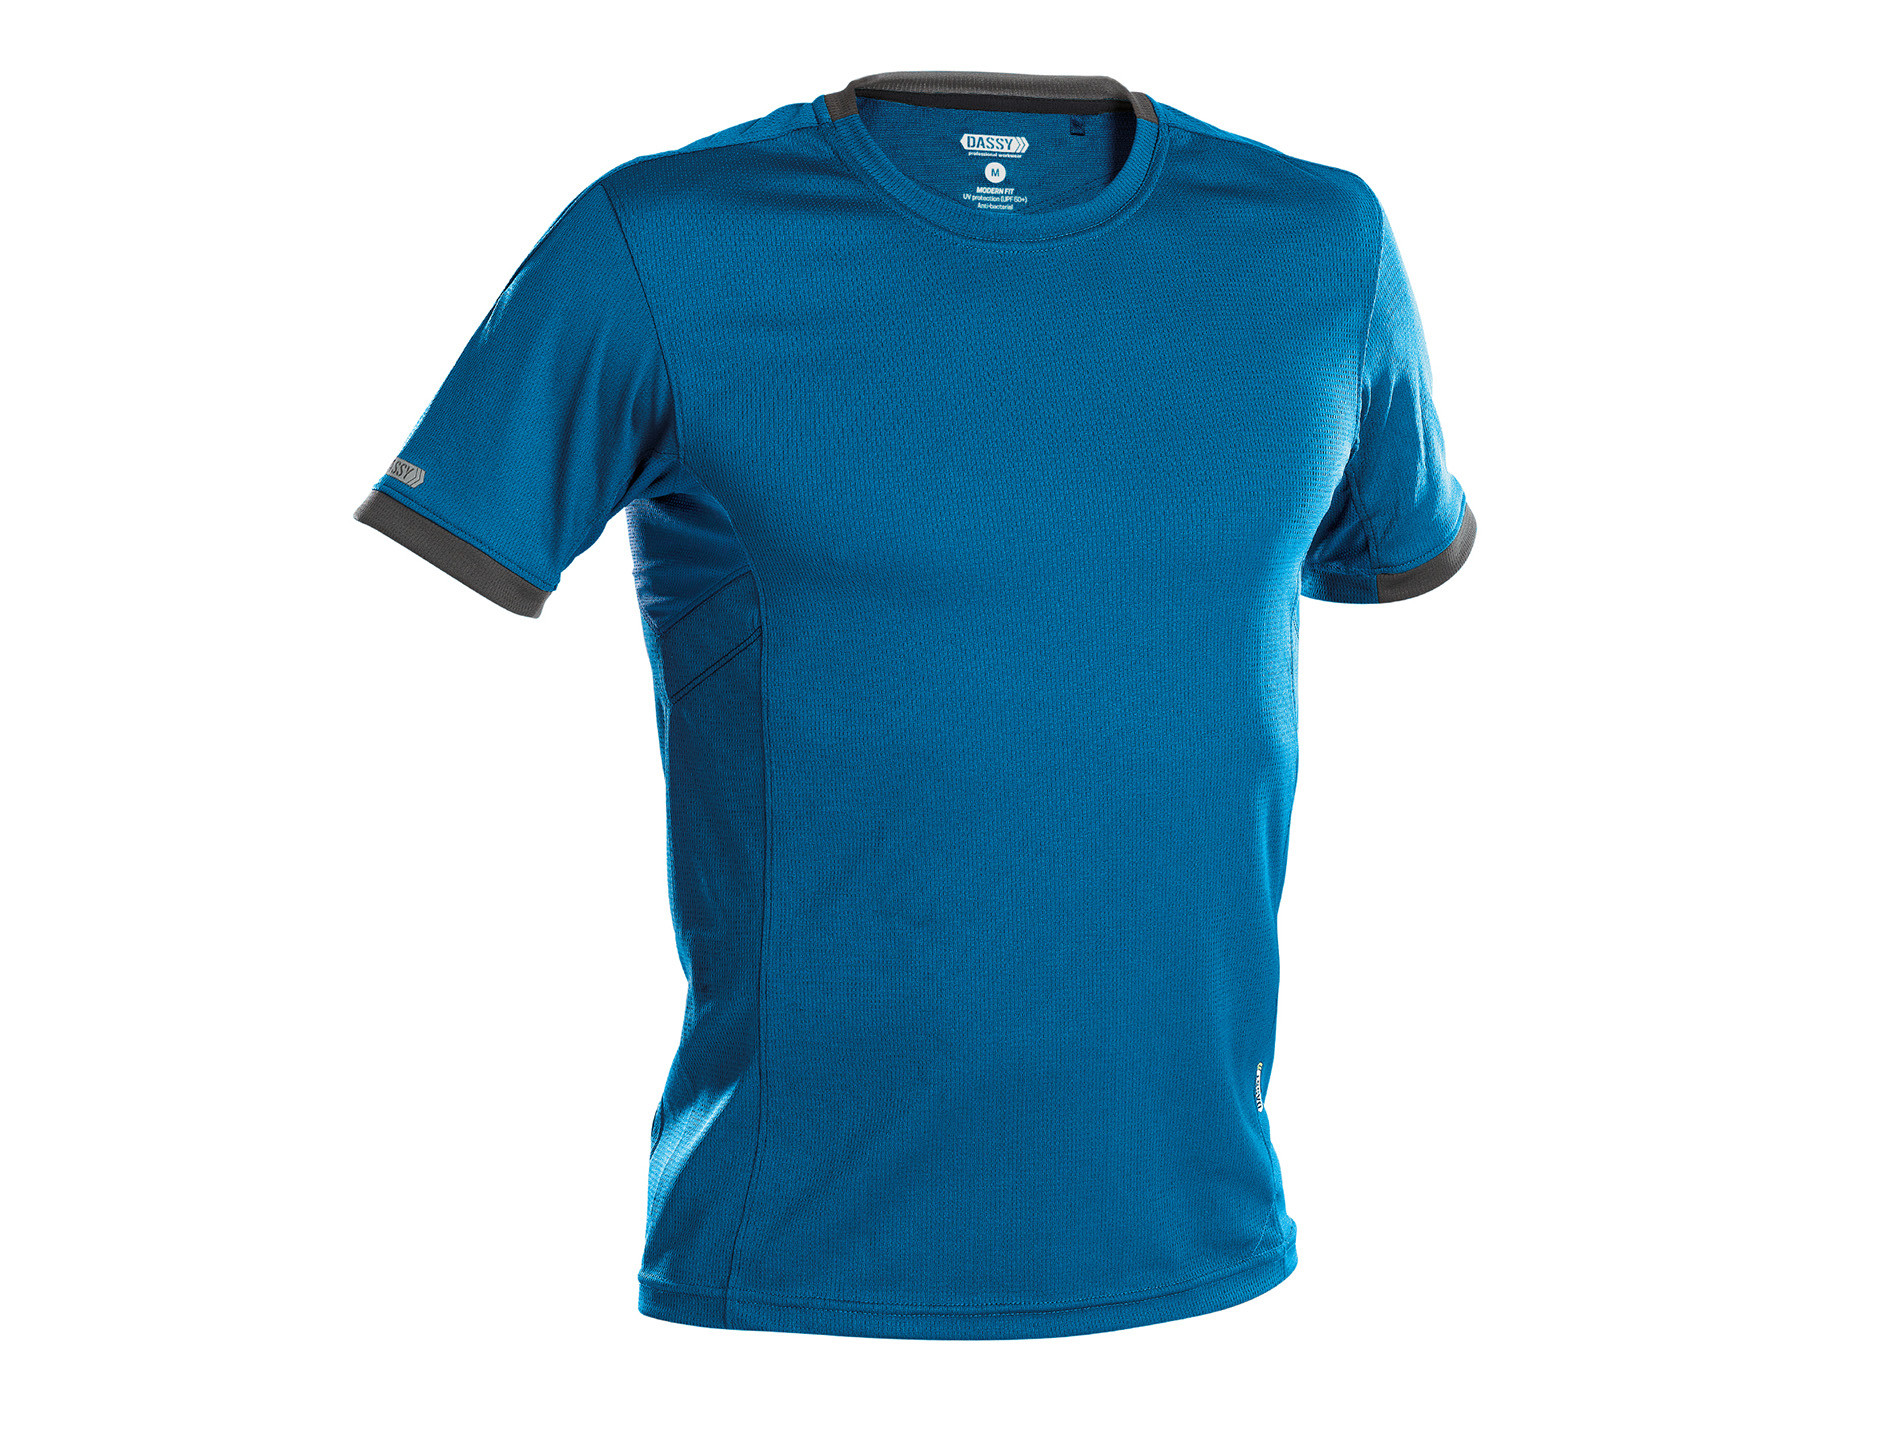 T-shirt DASSY® Nexus Bleu/gris